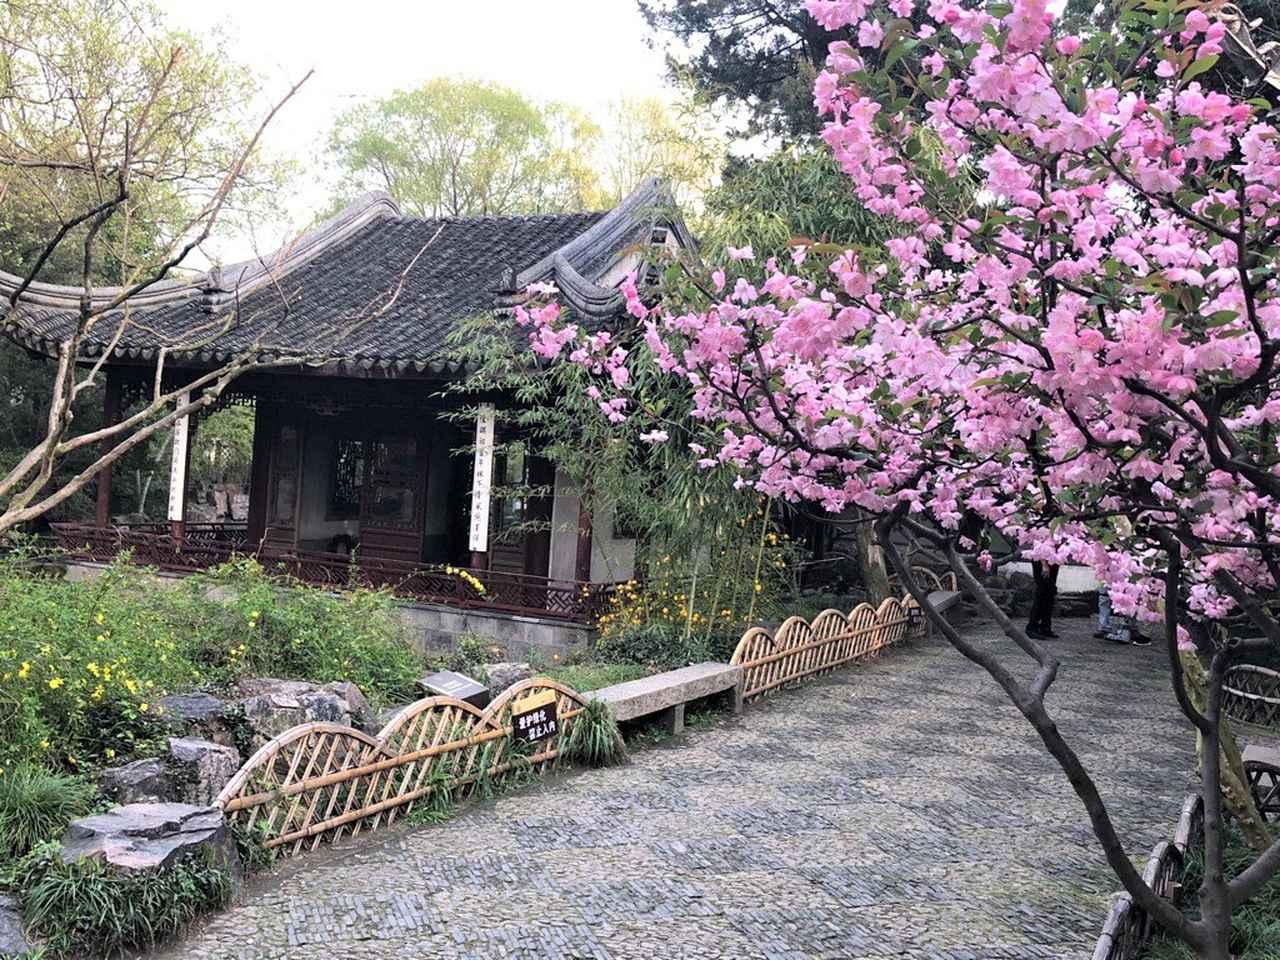 画像2: 世界遺産・蘇州の留園(3月撮影 イメージ)